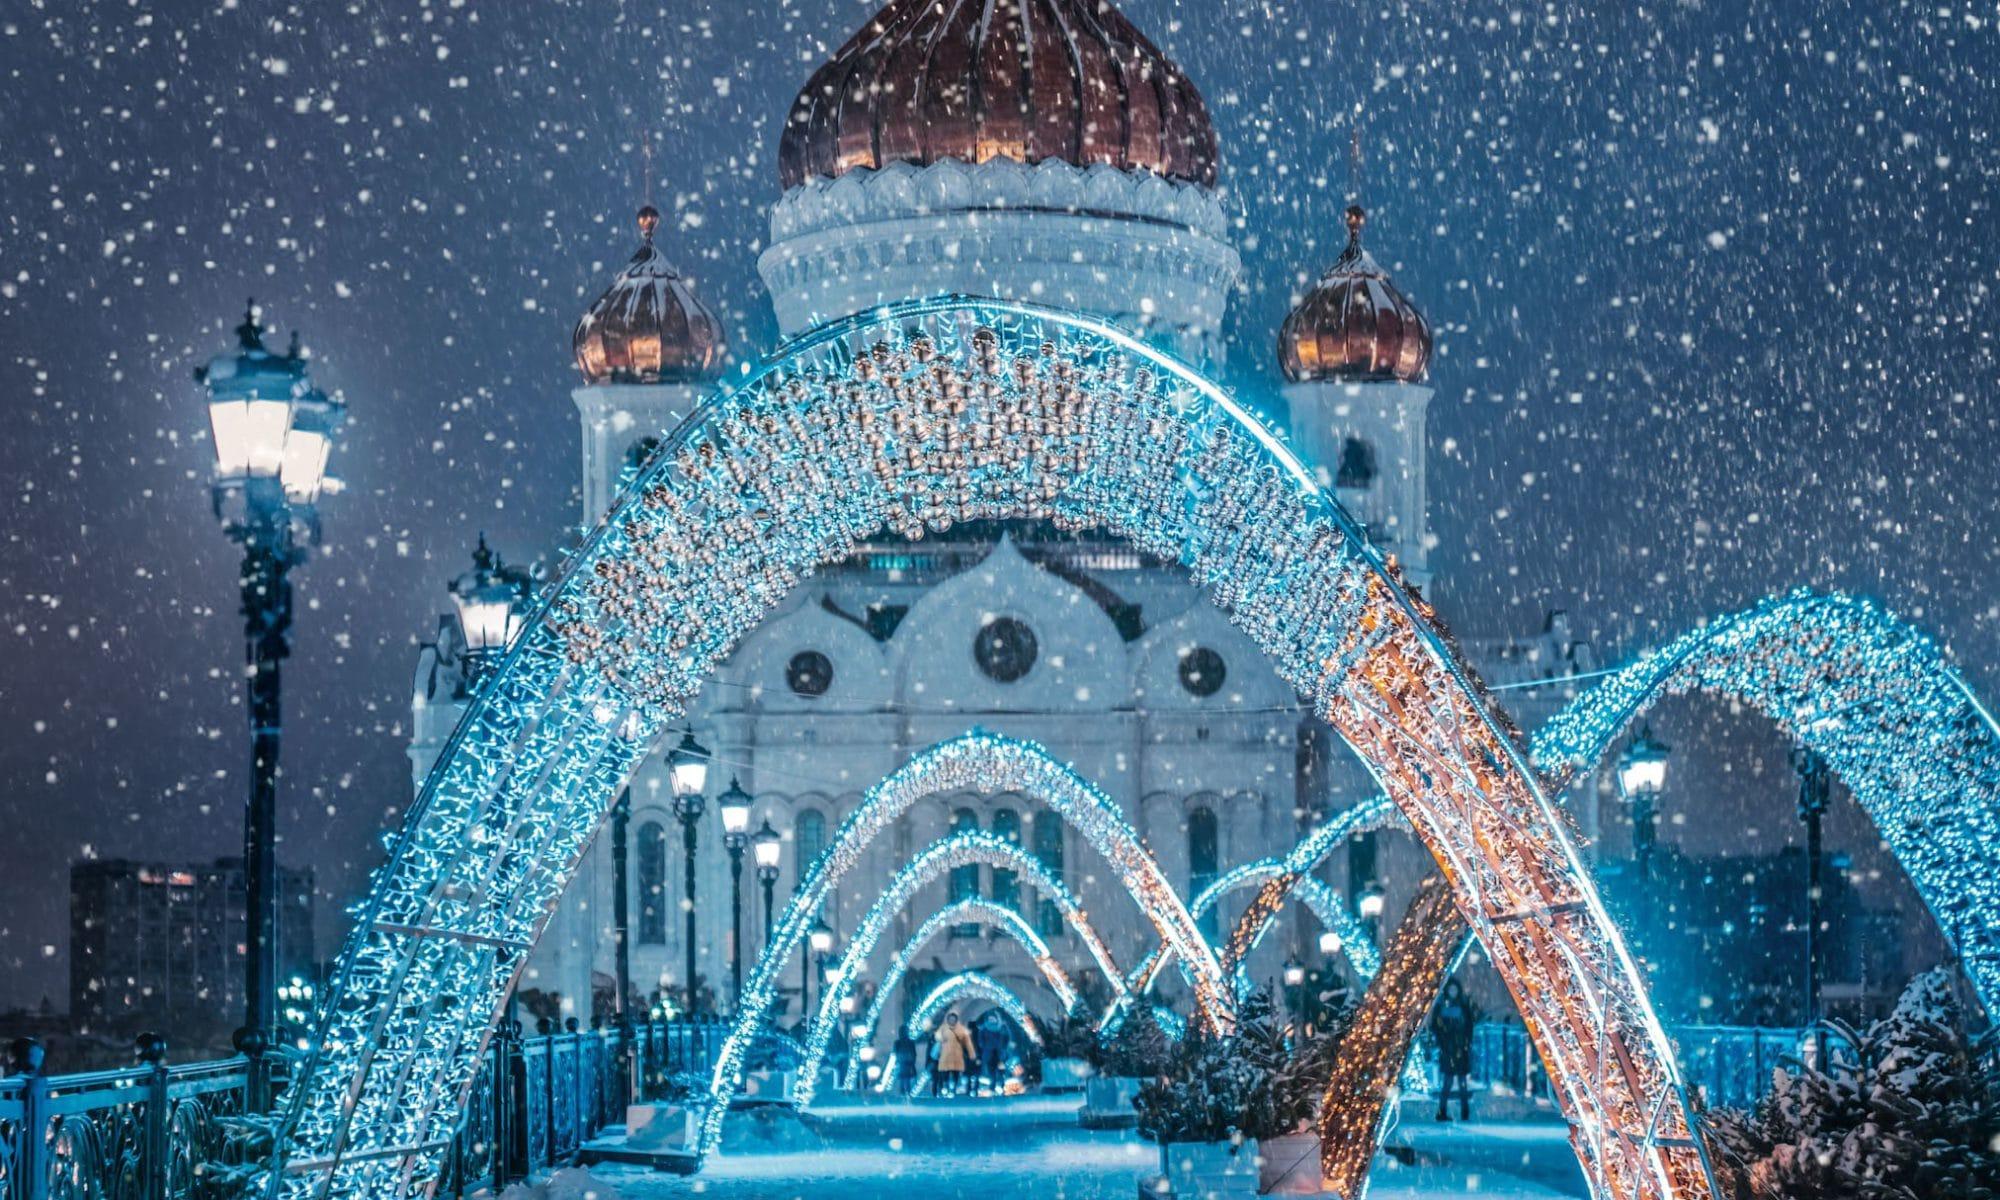 Les plus belles illuminations de Noël du monde signées du groupe français Blachère illumination ...